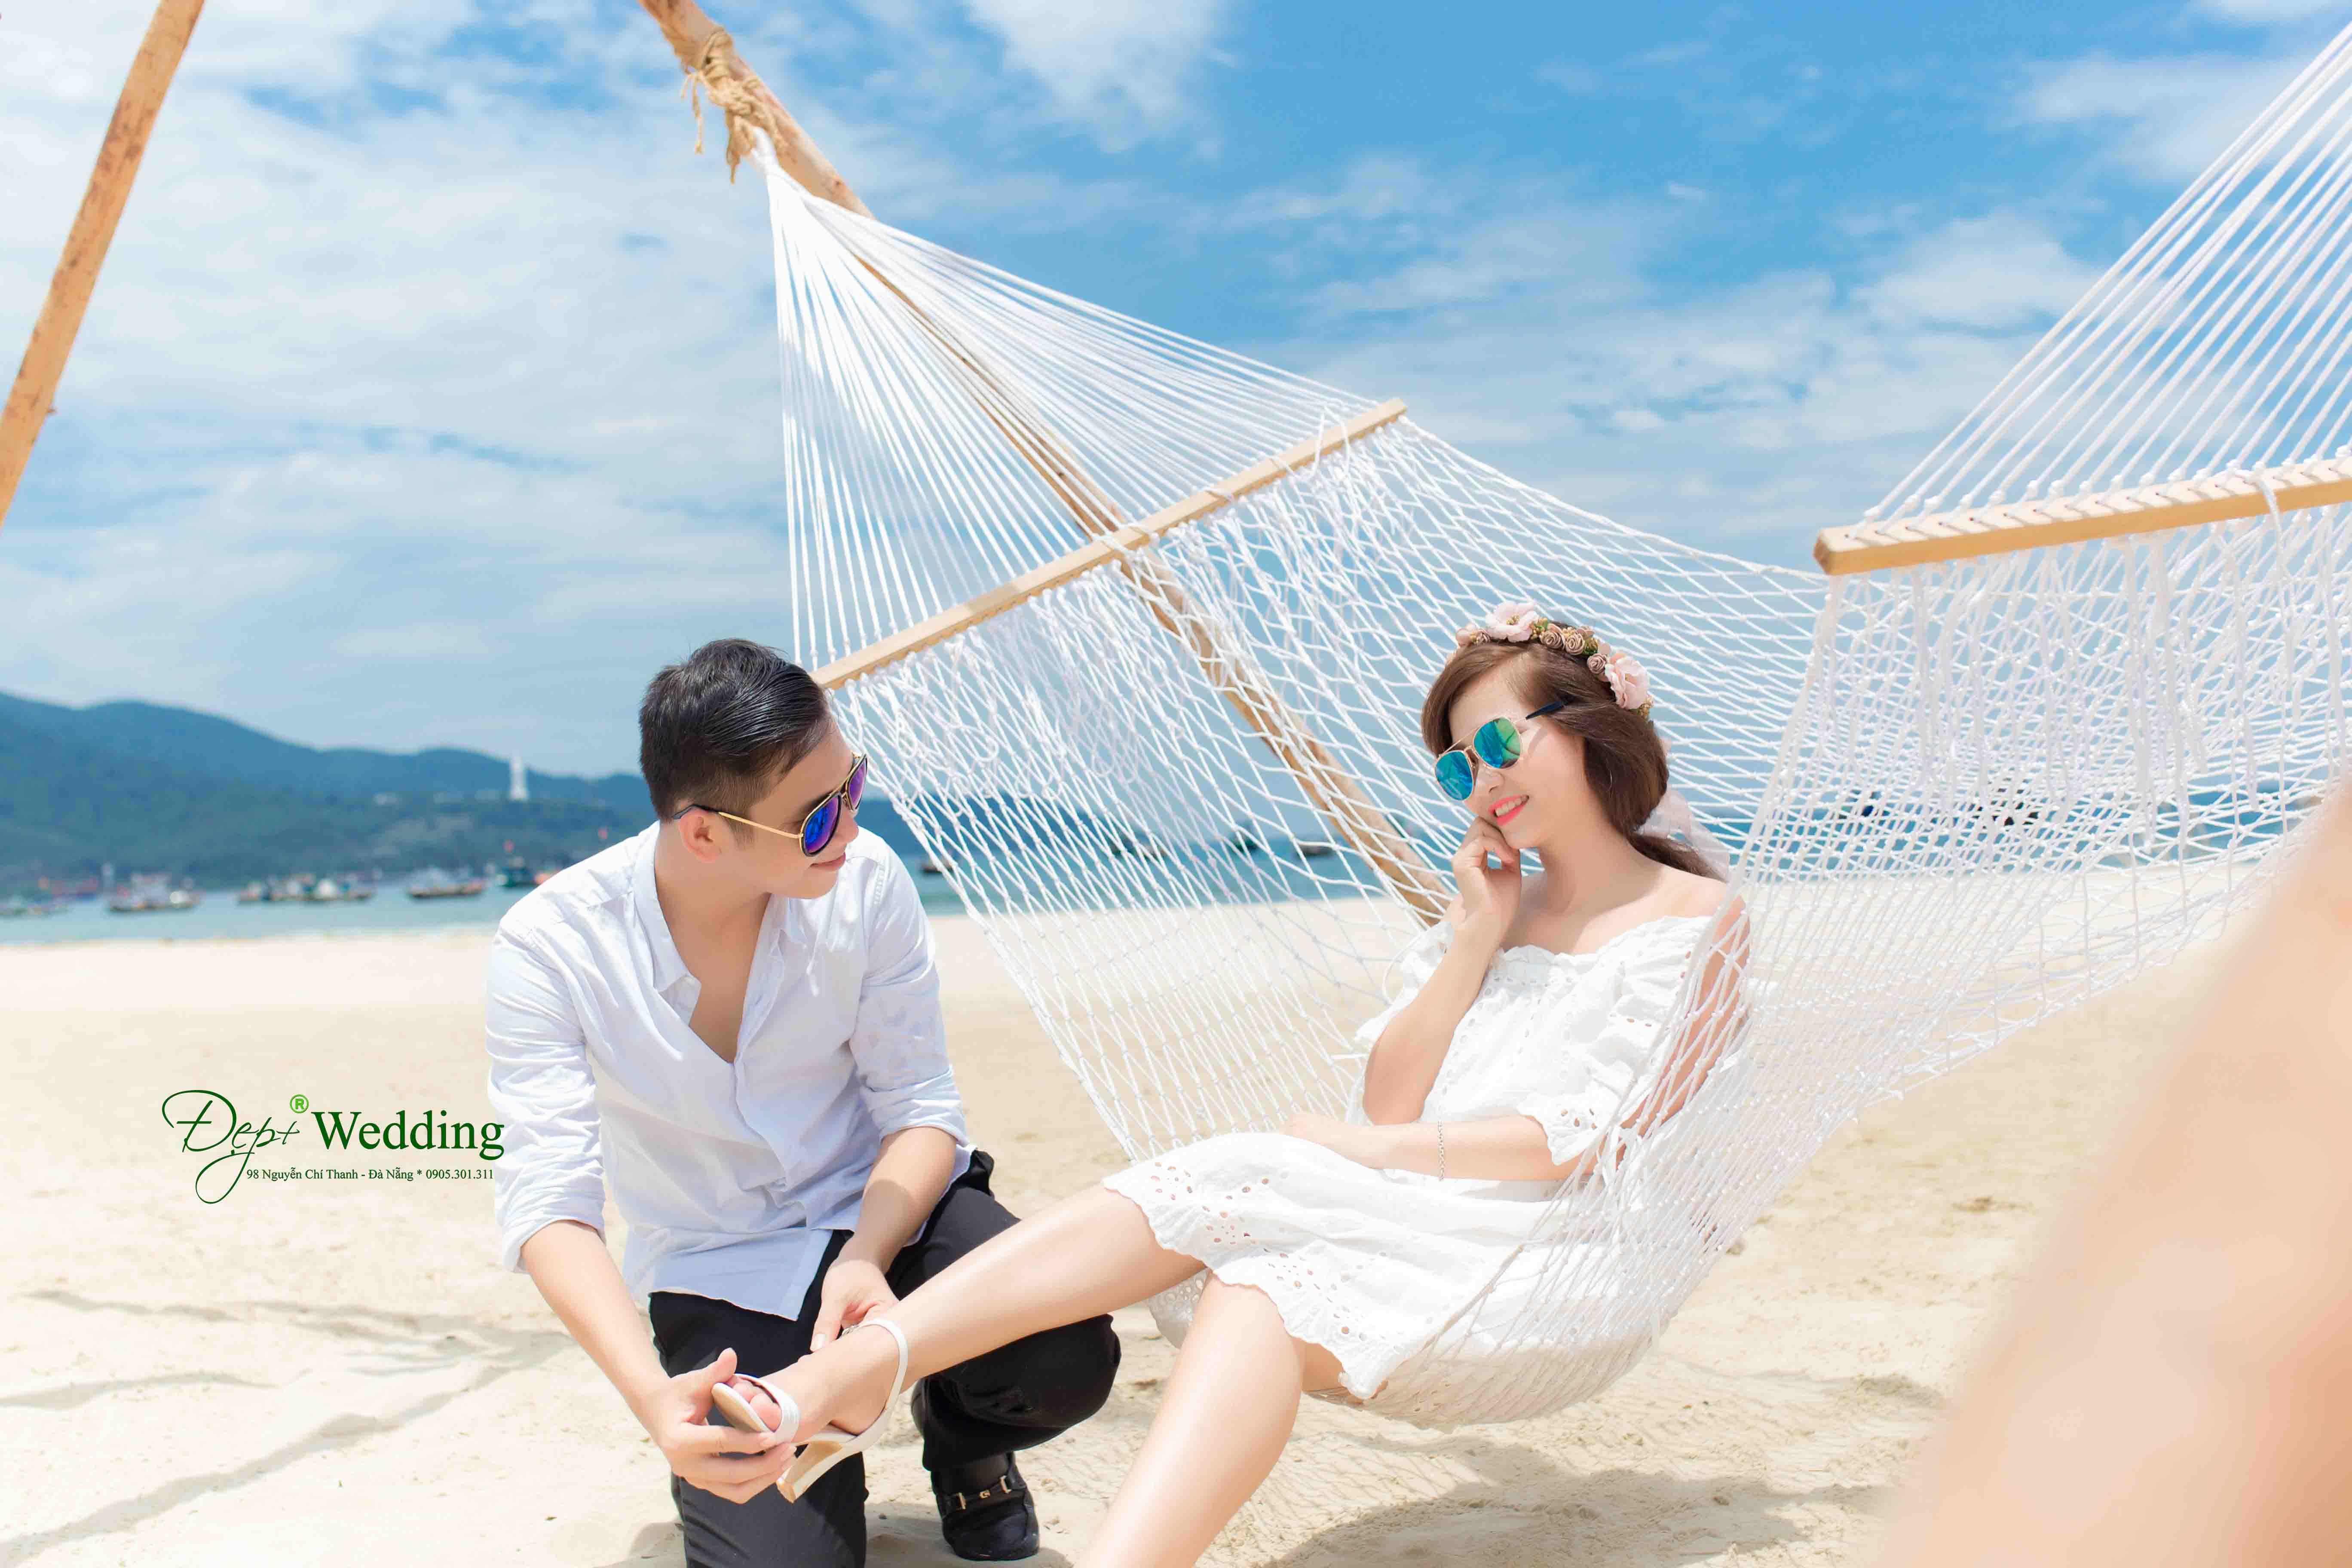 Dịch vụ chụp ảnh cưới Studio chỉ 10 phút đi xe là có thể tiếp cận biển Phạm Văn Đồng giúp khách hàng yên tâm thoải mái hơn, ...